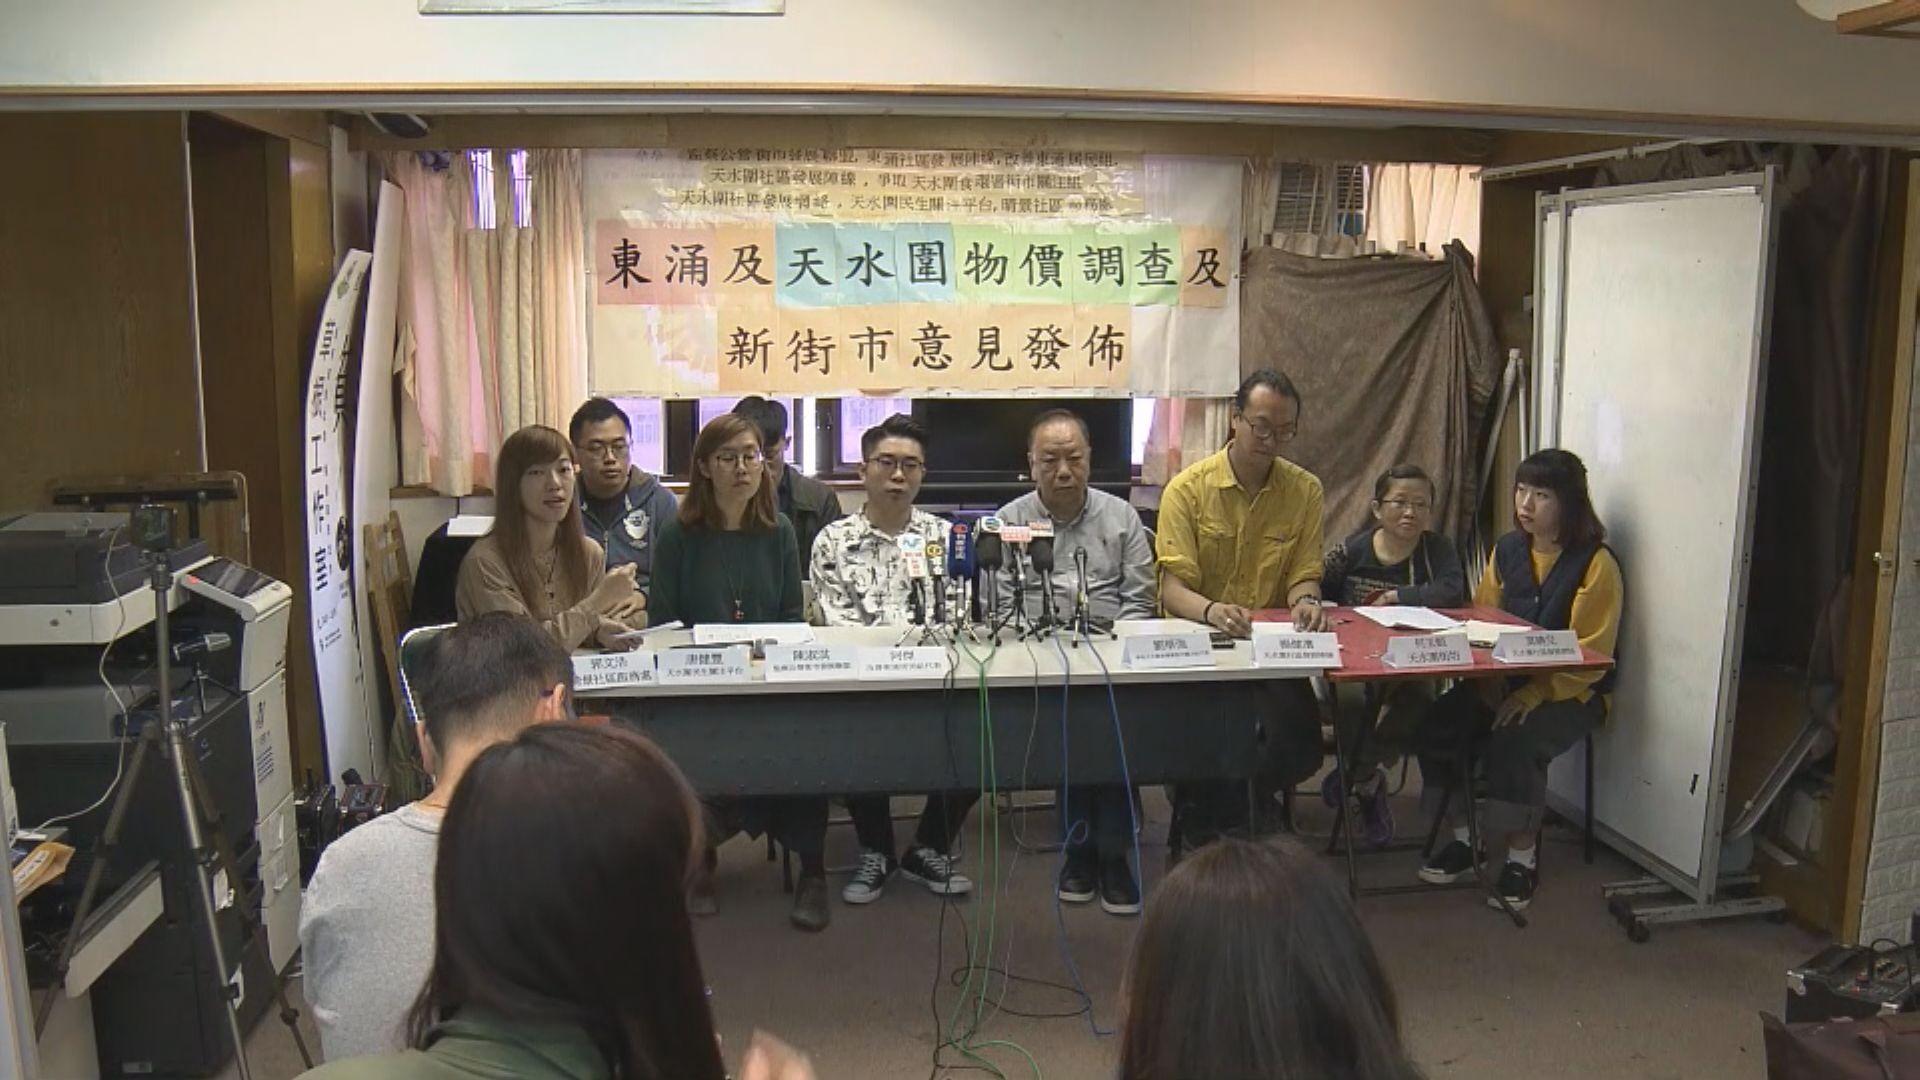 調查:九成受訪東涌天水圍居民認為買餸貴